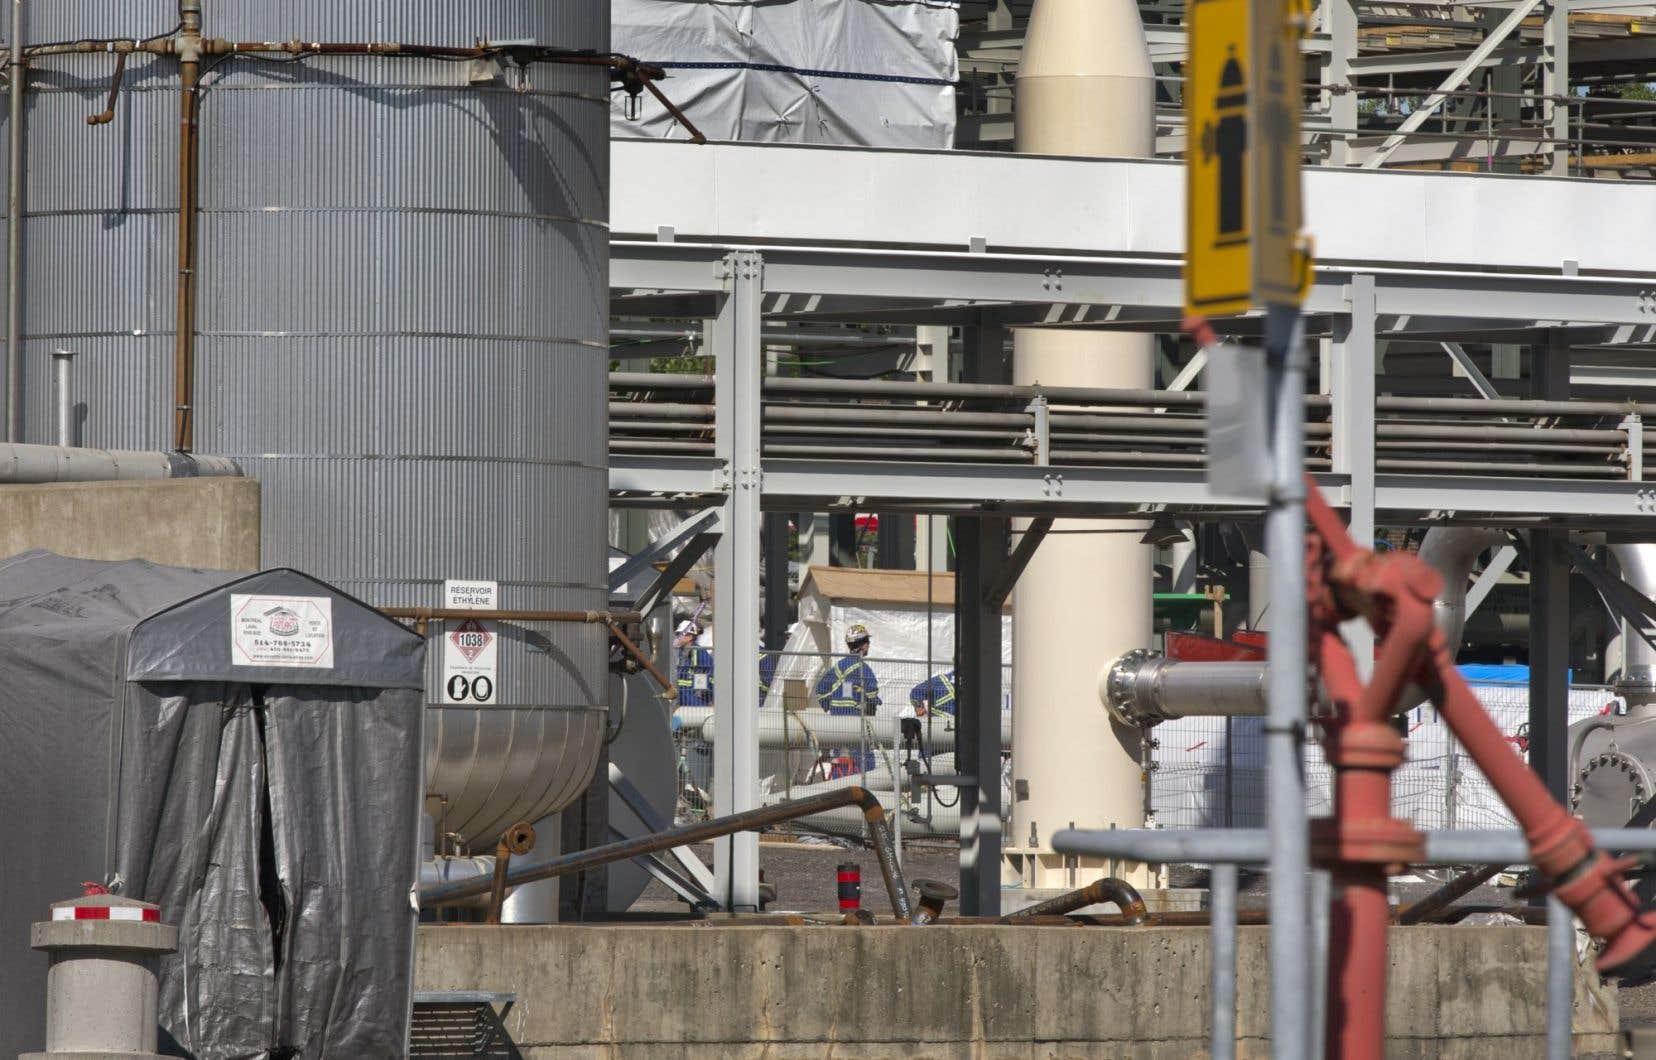 En convertissant les installations del'usine de Sainte-Claire au gaz naturel, c'est l'émission de 6000 tonnes de GES qui est évitée annuellement, remarque l'auteur.